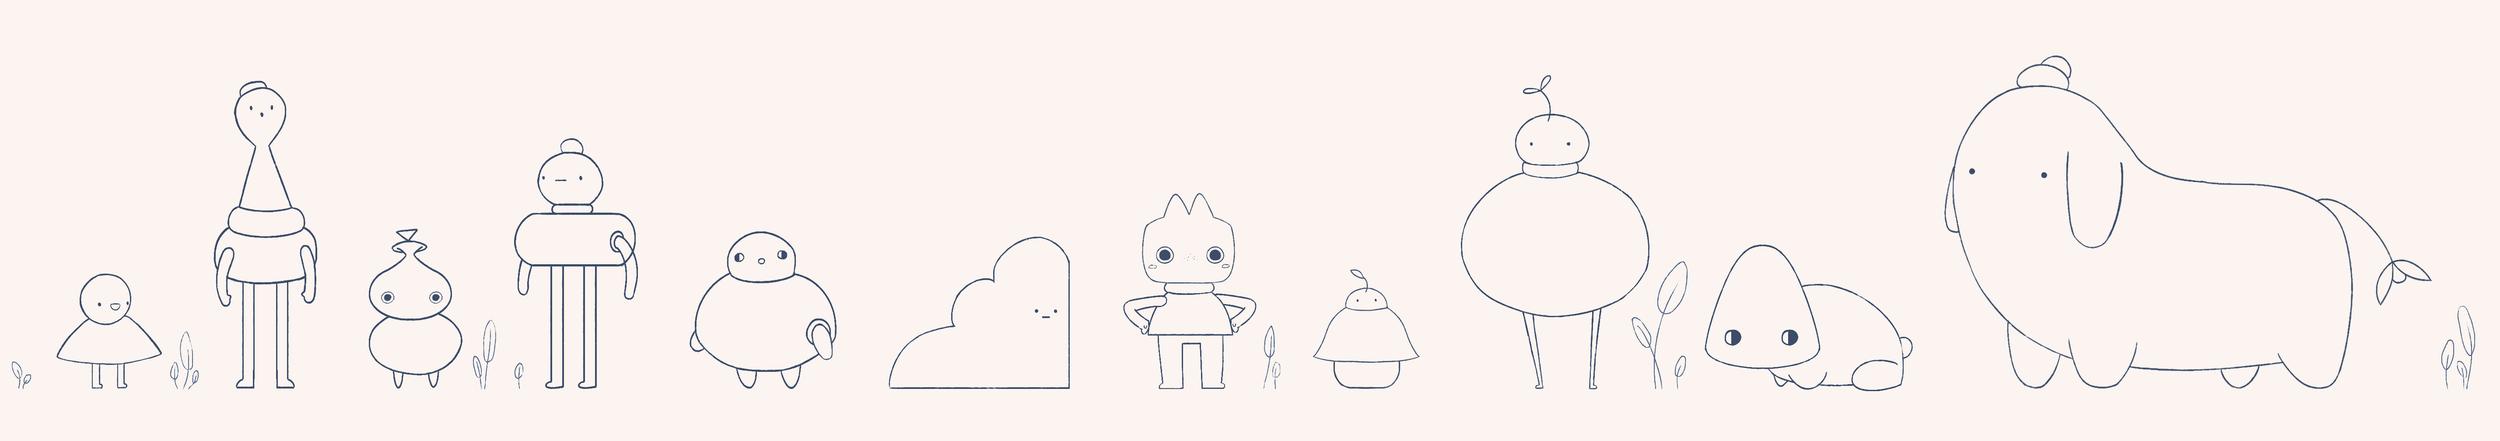 2-CharacterColored_Sheet_v001.png